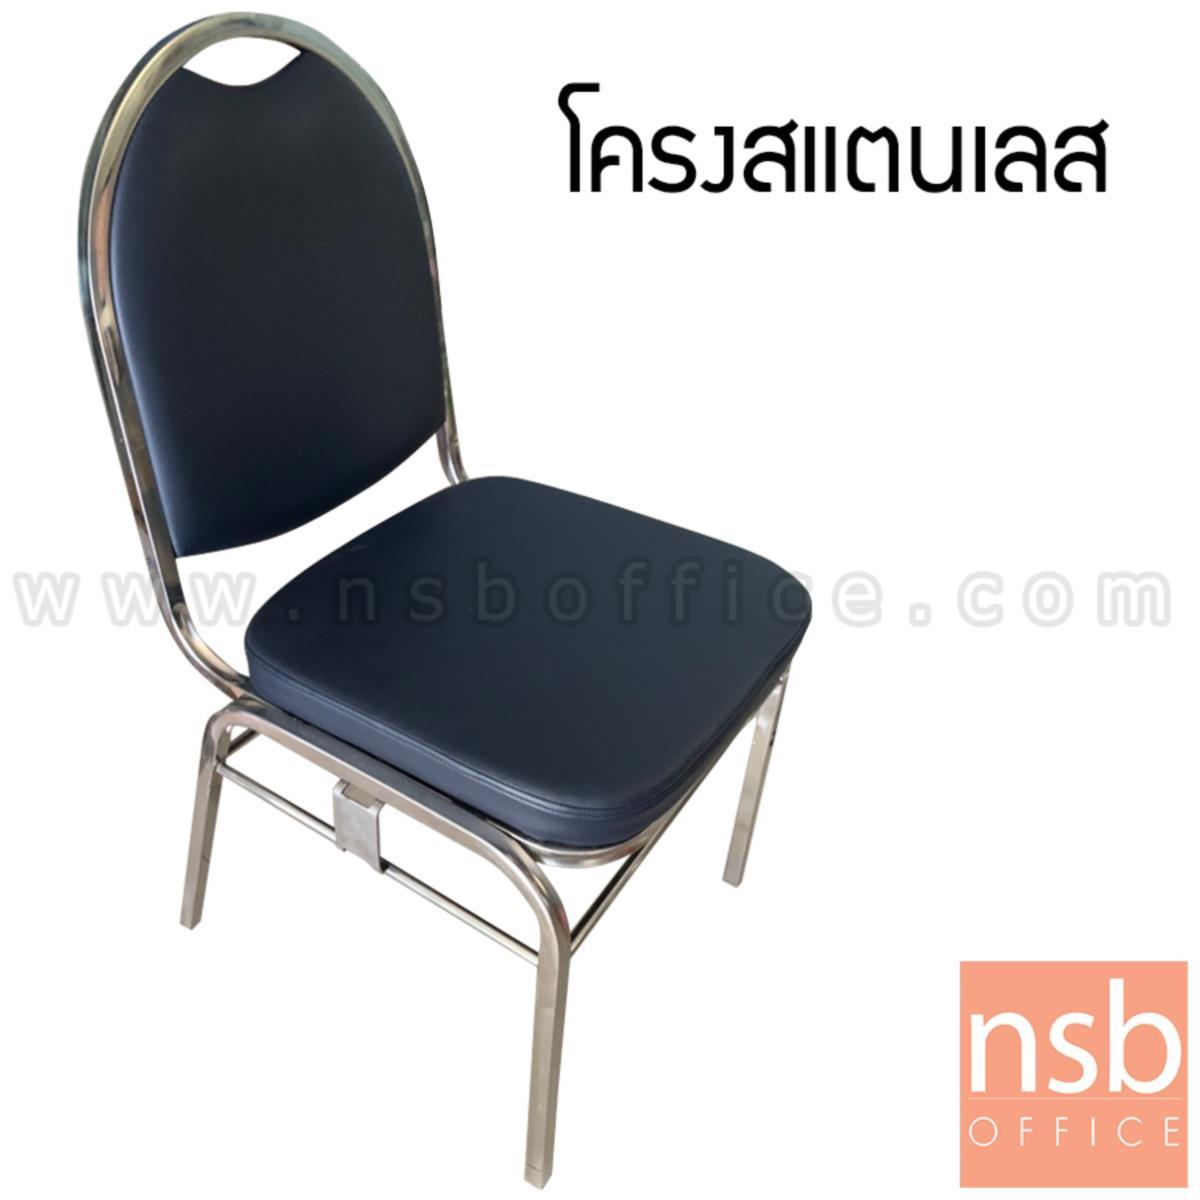 B08A078:เก้าอี้ฟังบรรยาย  รุ่น Shermie (เชอร์มี่) ขนาด 50W*93H cm.  โครงขาสเตนเลส